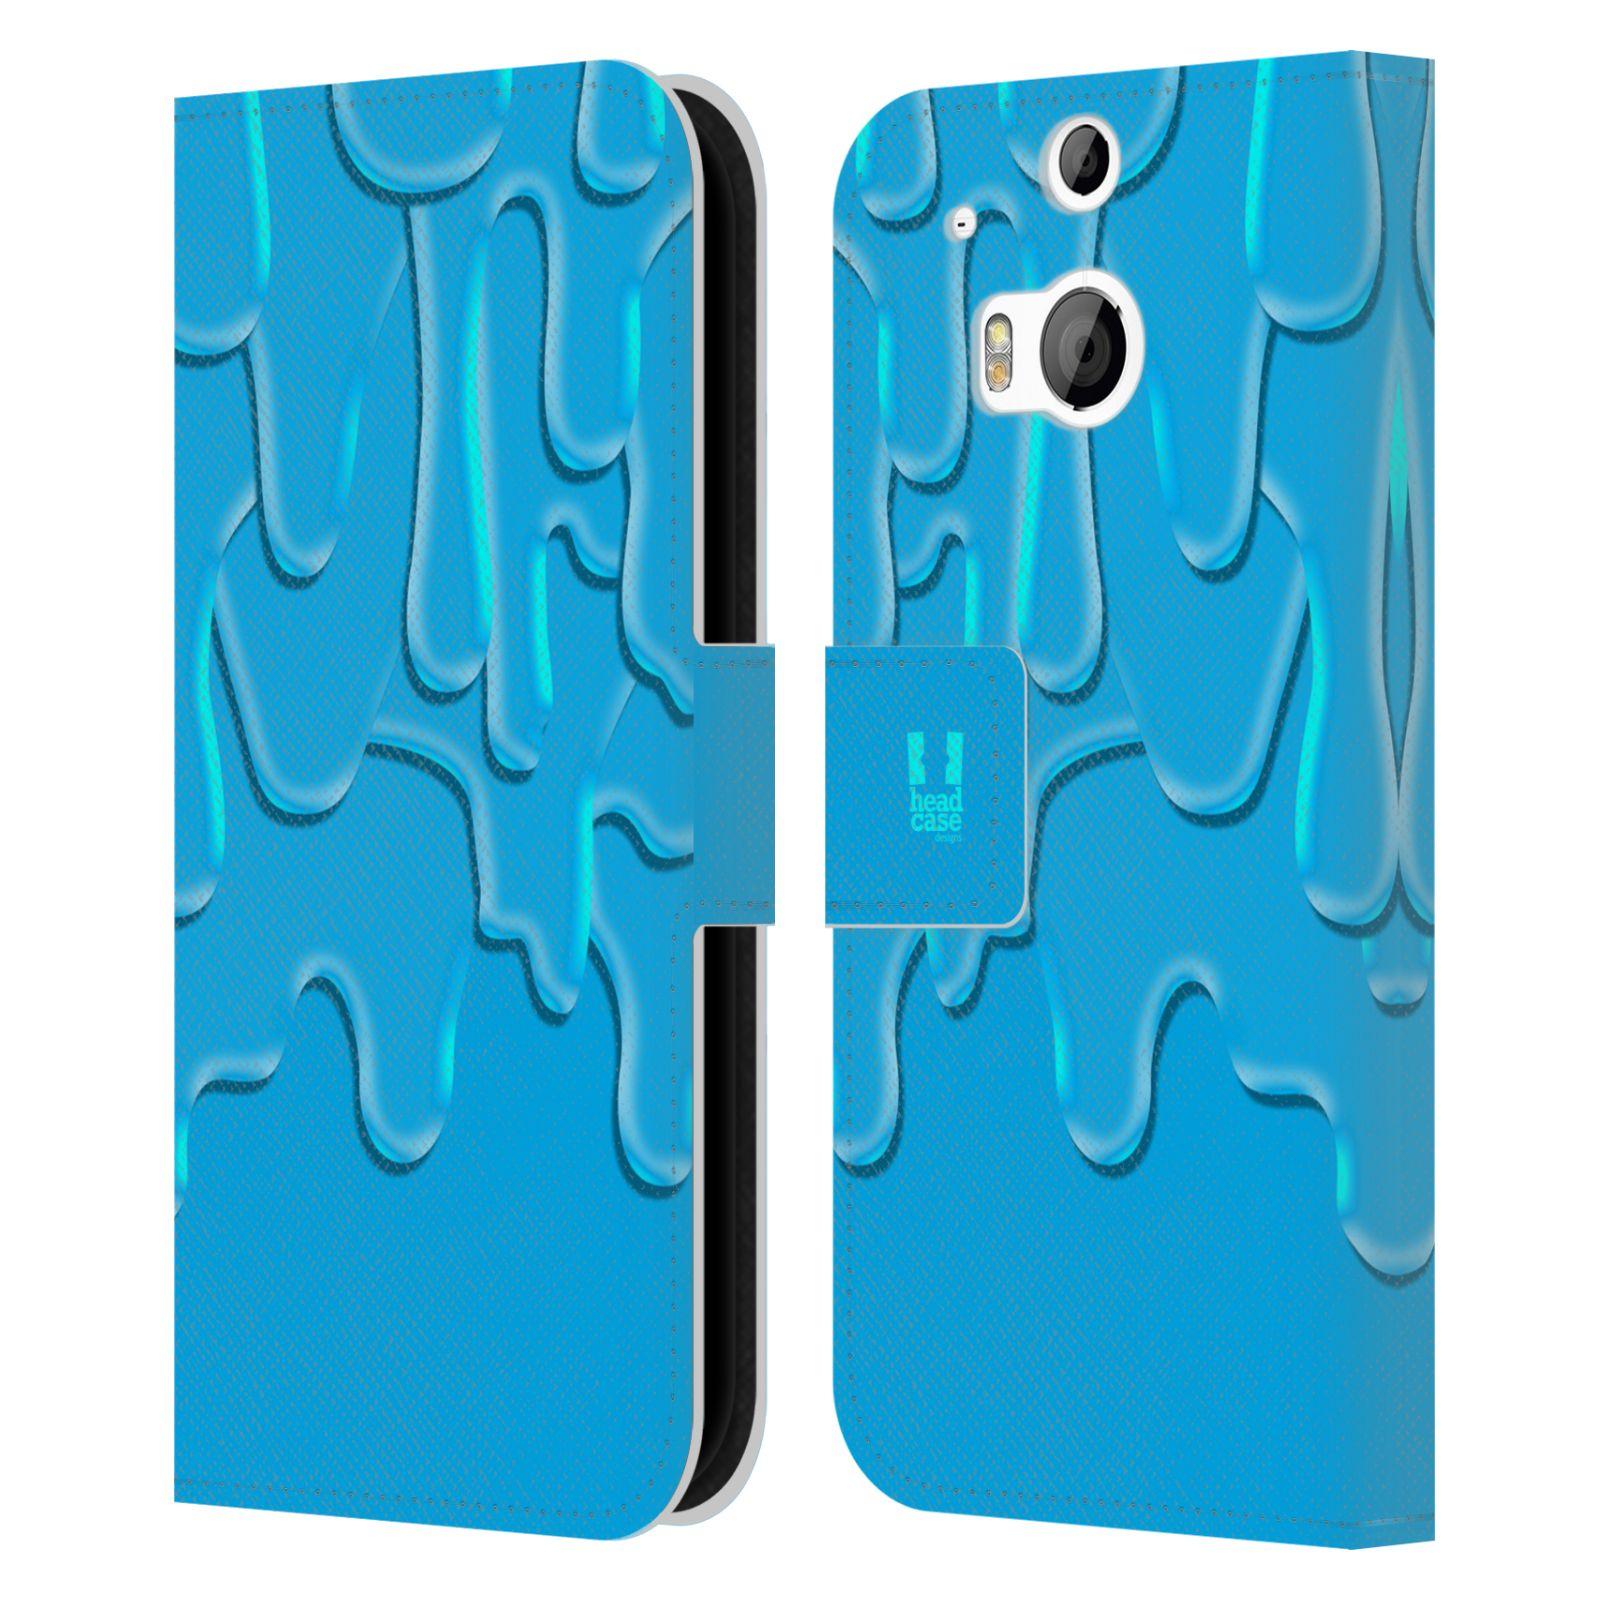 HEAD CASE Flipové pouzdro pro mobil HTC ONE (M8, M8s) ZÁPLAVA BARVA tyrkysová modrá